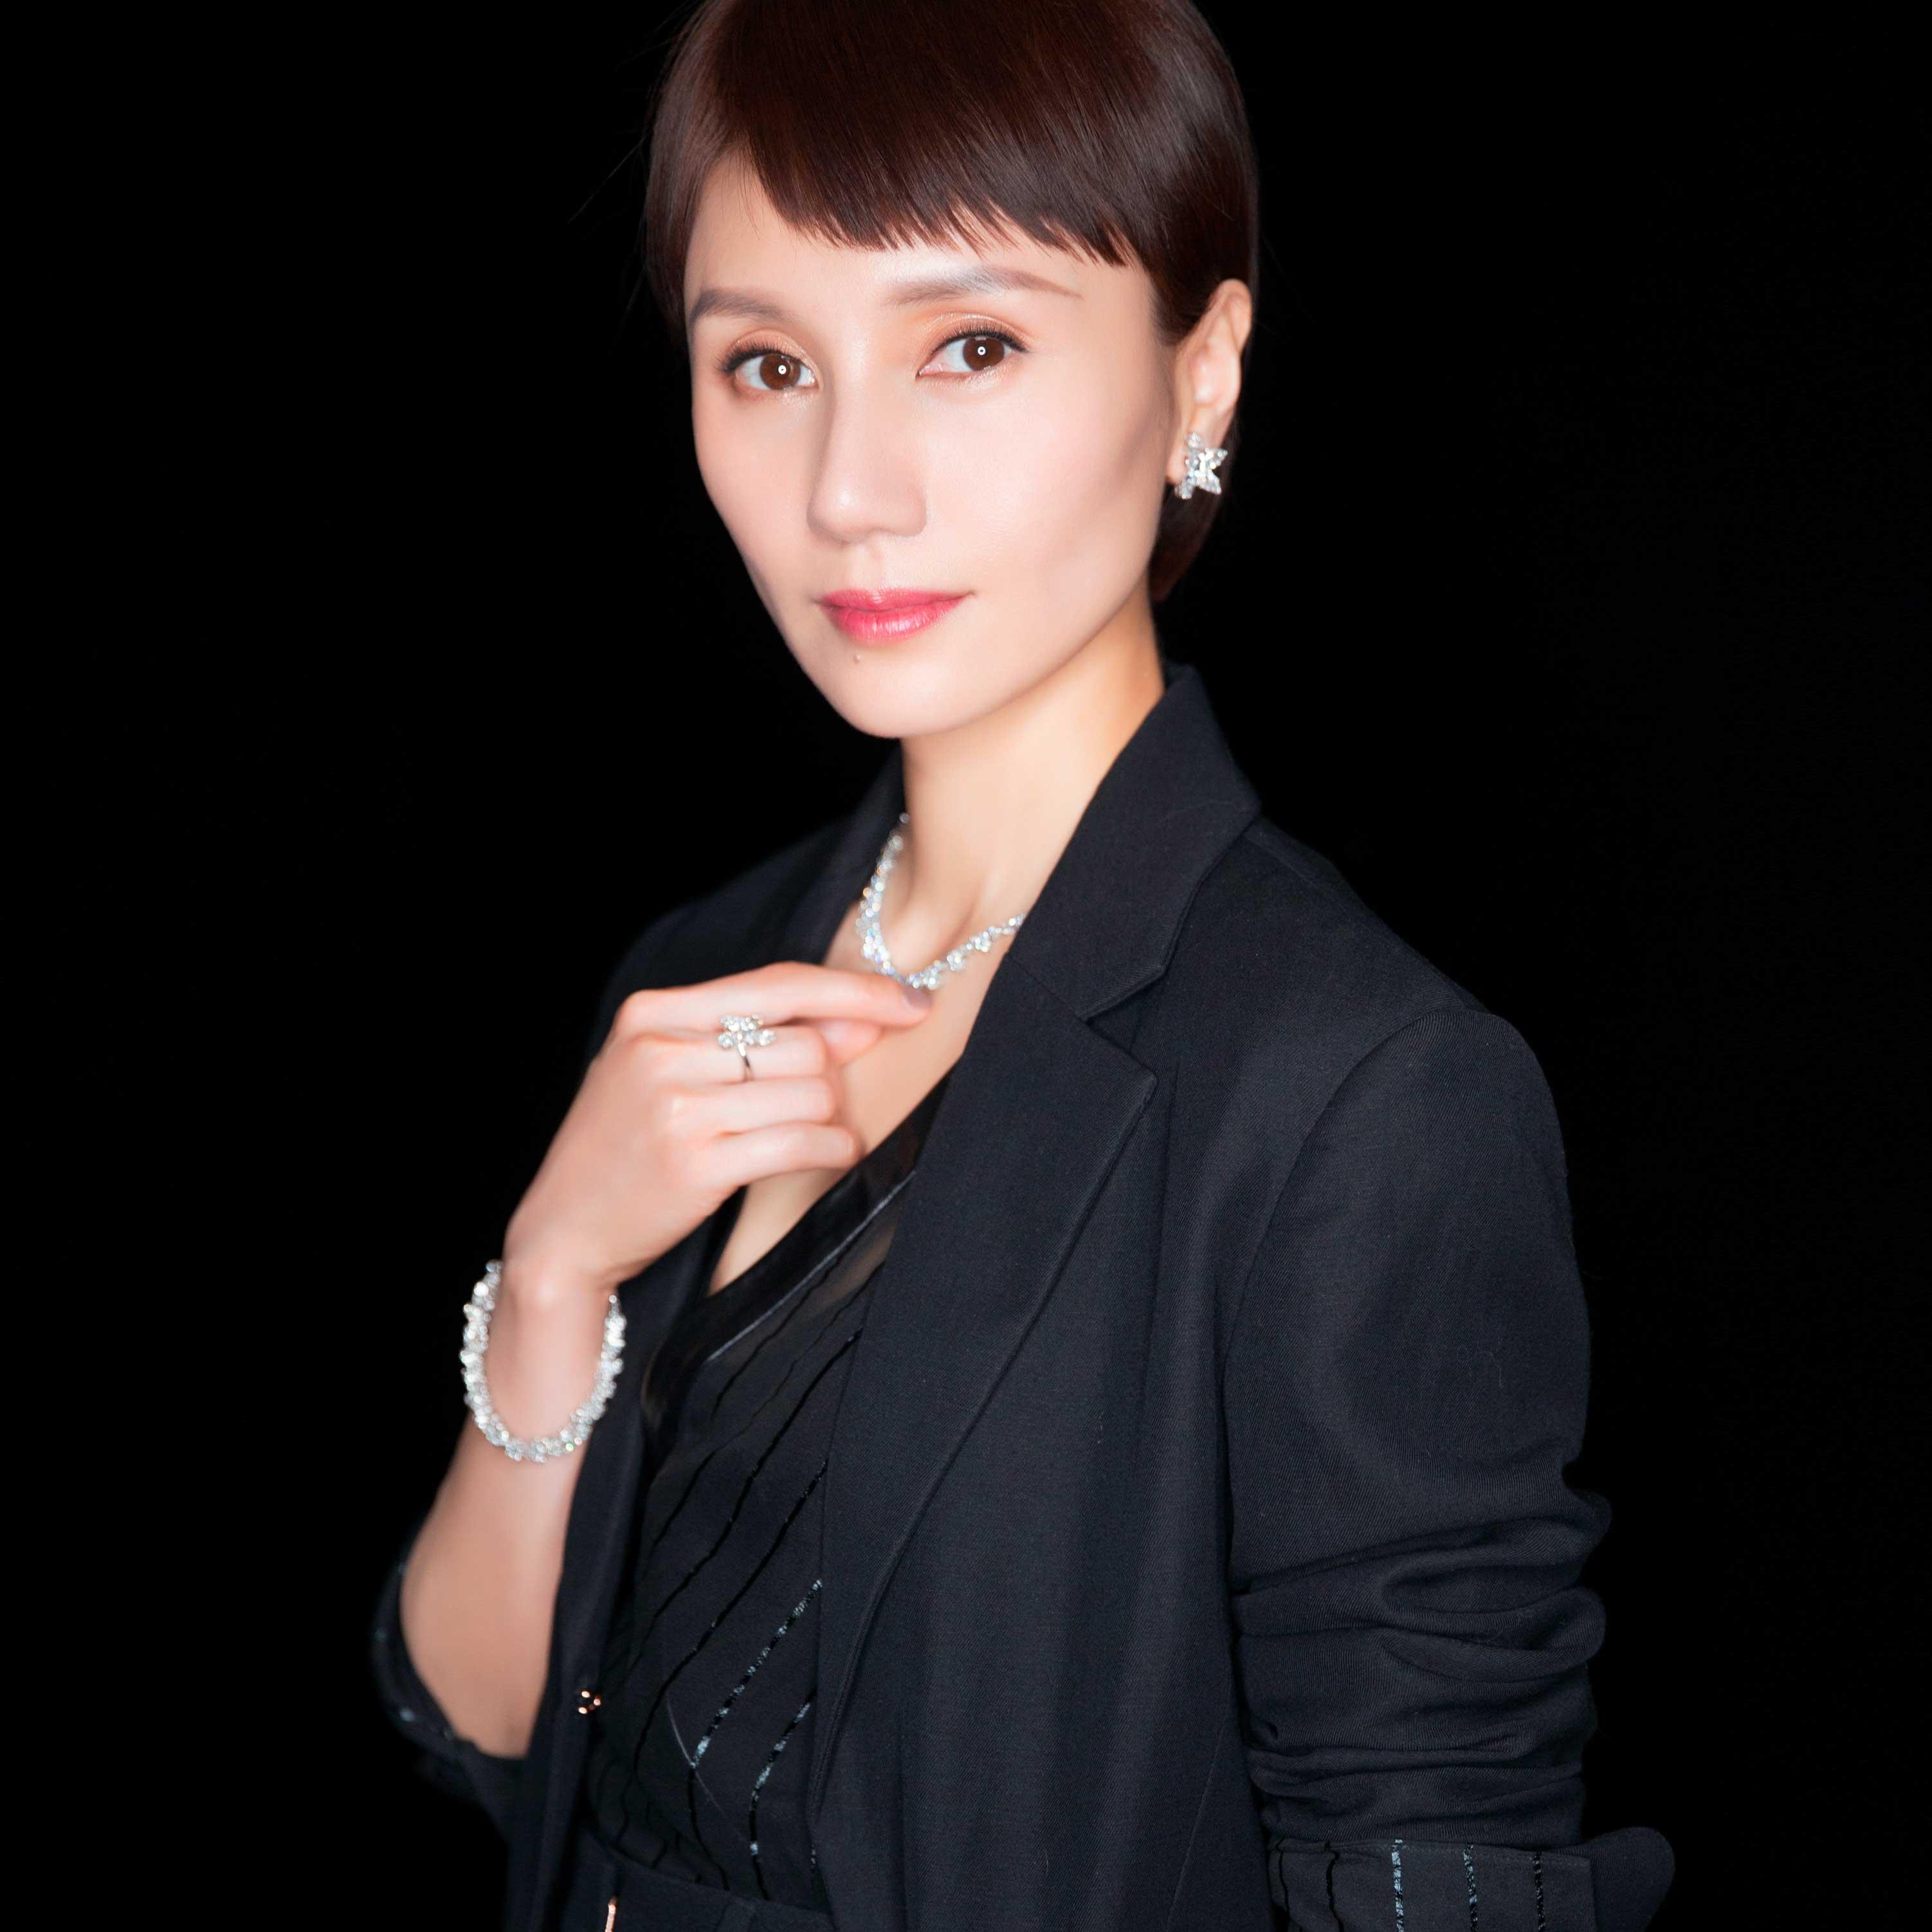 """海瑞温斯顿见证袁泉 荣膺 2017 微博之夜""""年度女神"""